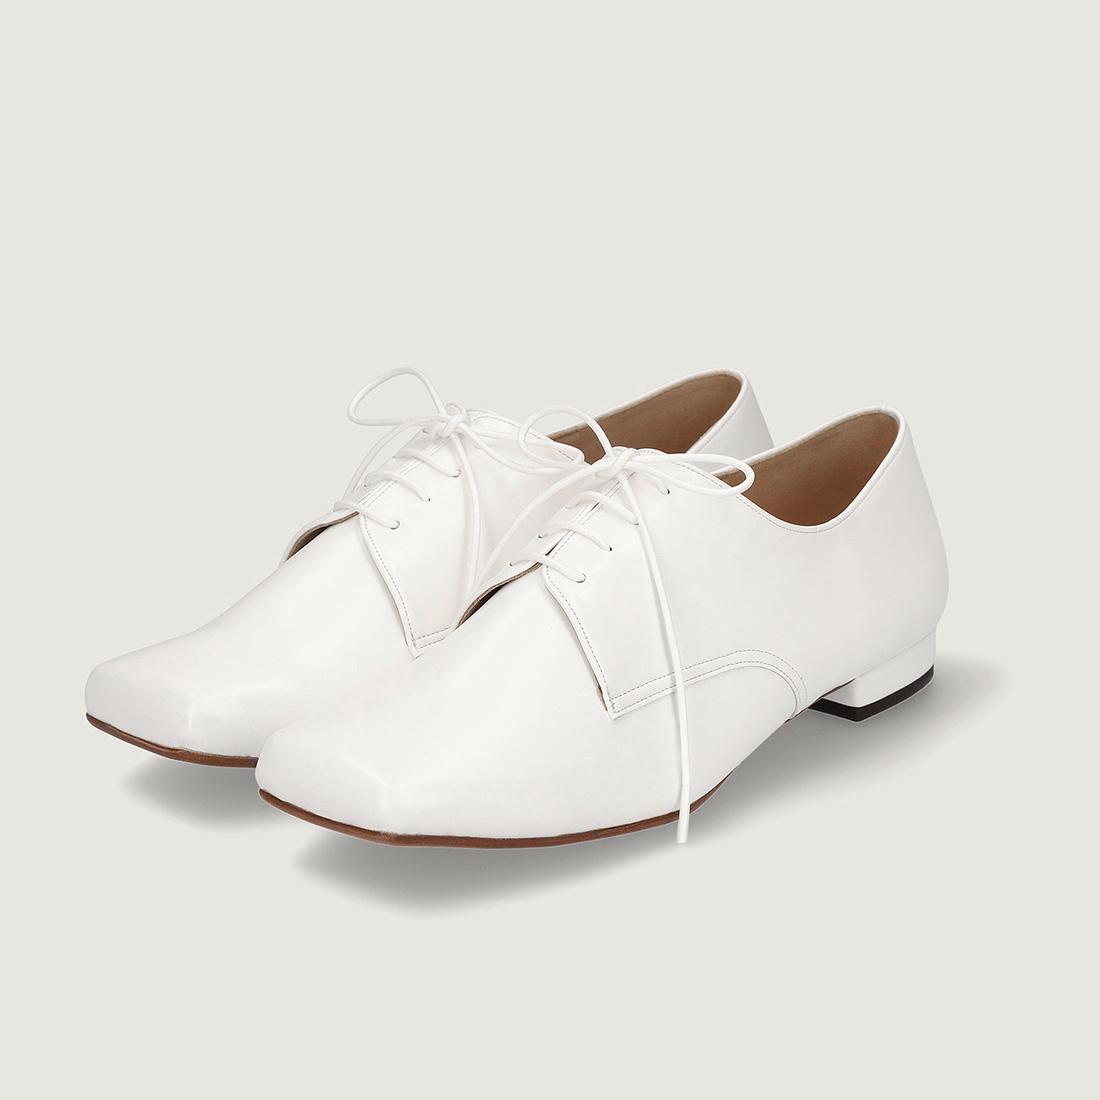 【一部難あり】スクエアトゥ オックスフォード シューズ:ホワイト 23.5cm(OT1027)